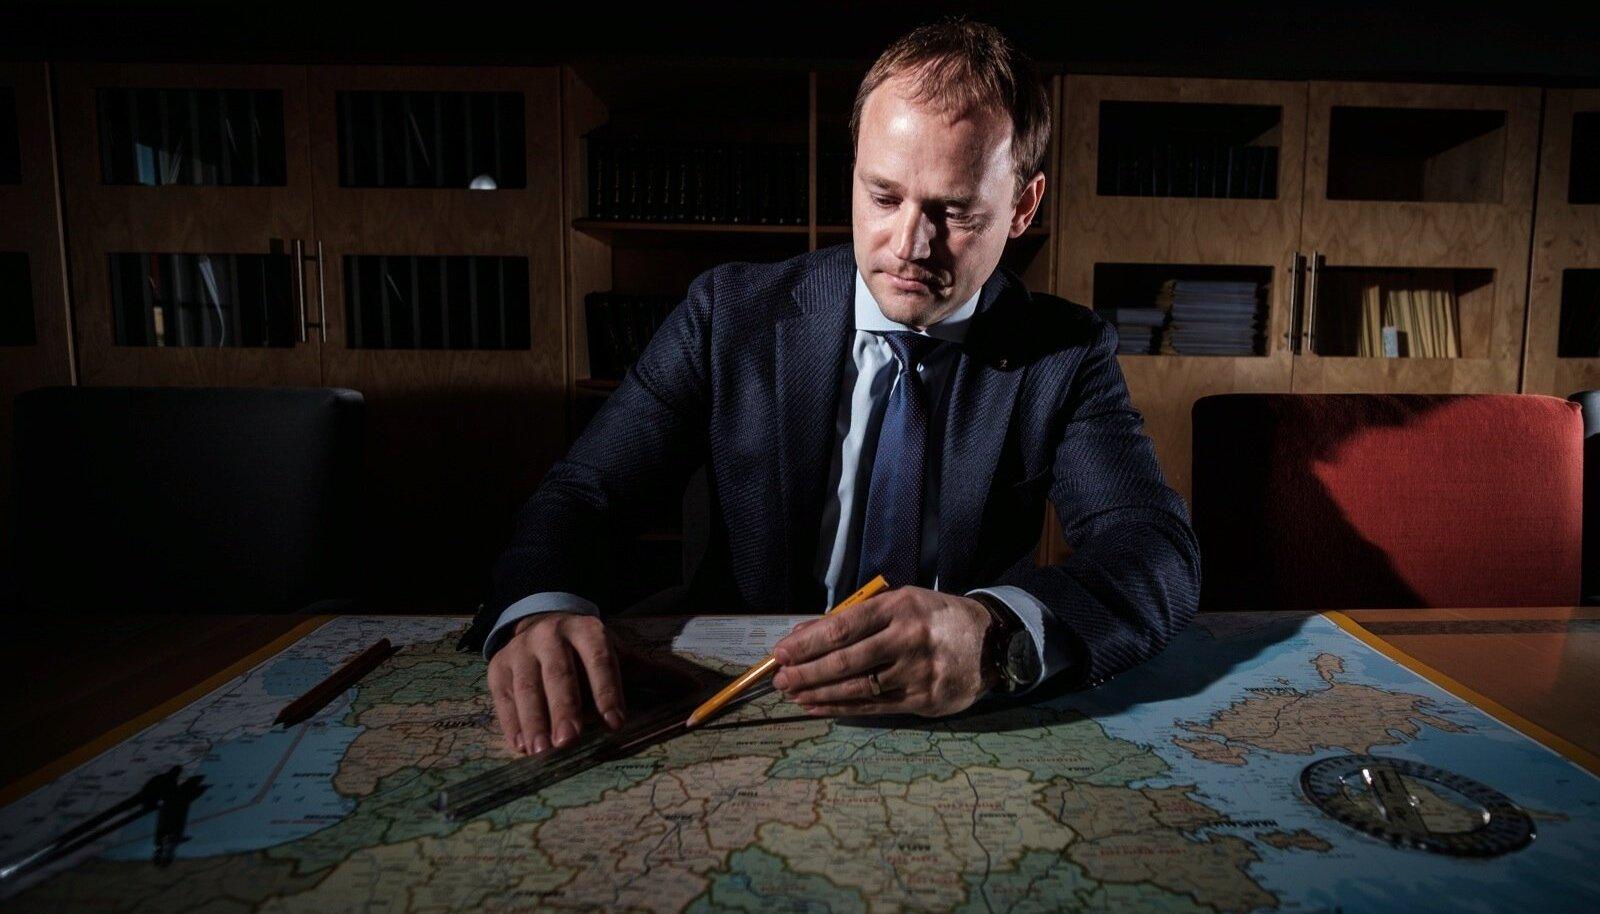 Endine riigihalduse minister Arto Aas tunnistab uut kaarti vaadates ja mõõtes, et ta on tulemusega rahul.